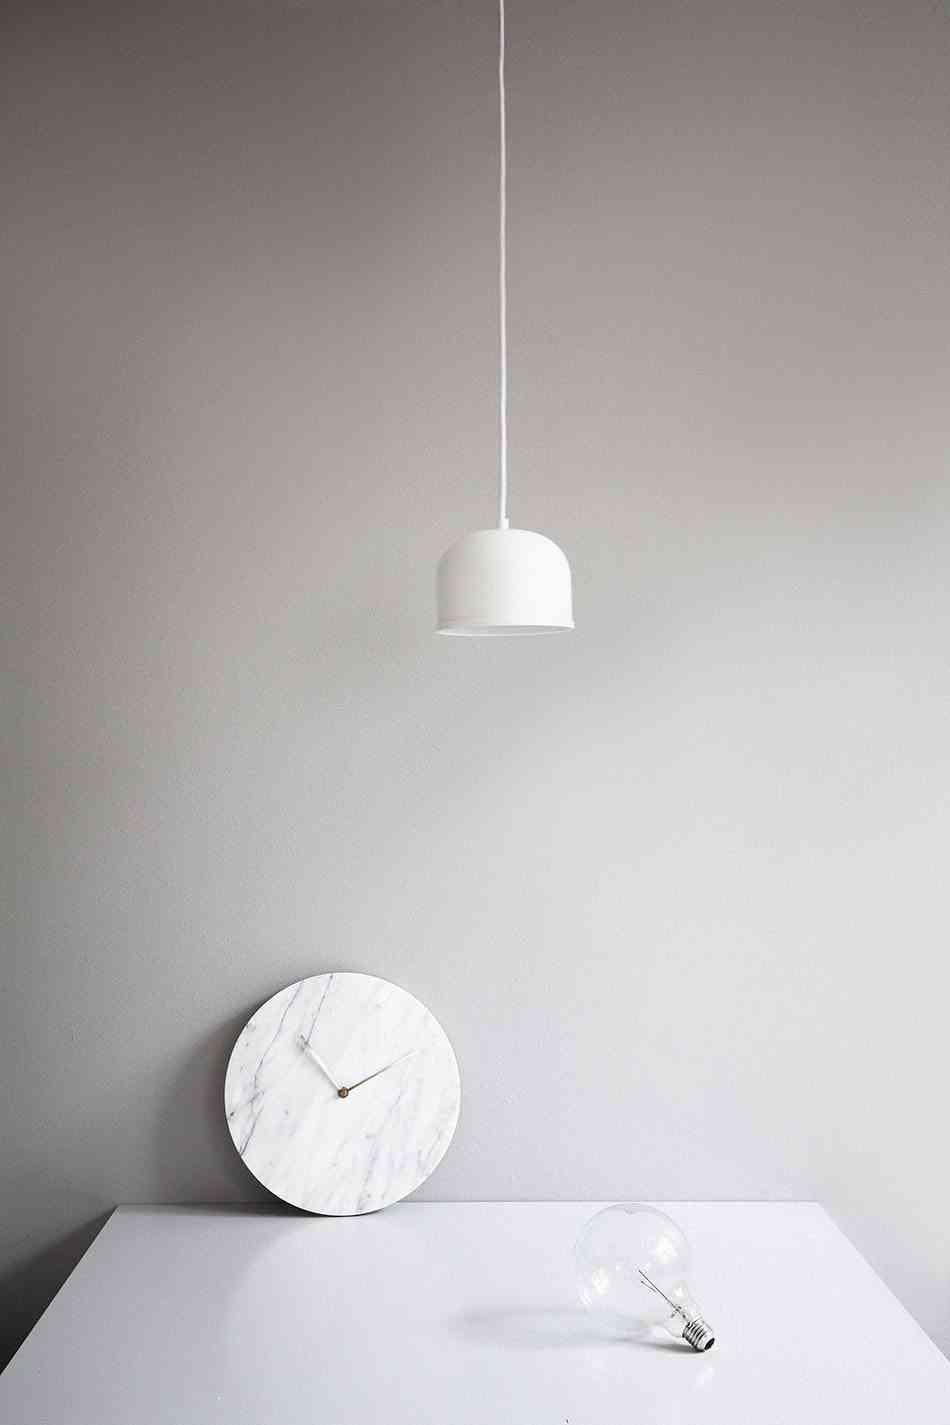 relojes de pared modernos marmol blanco